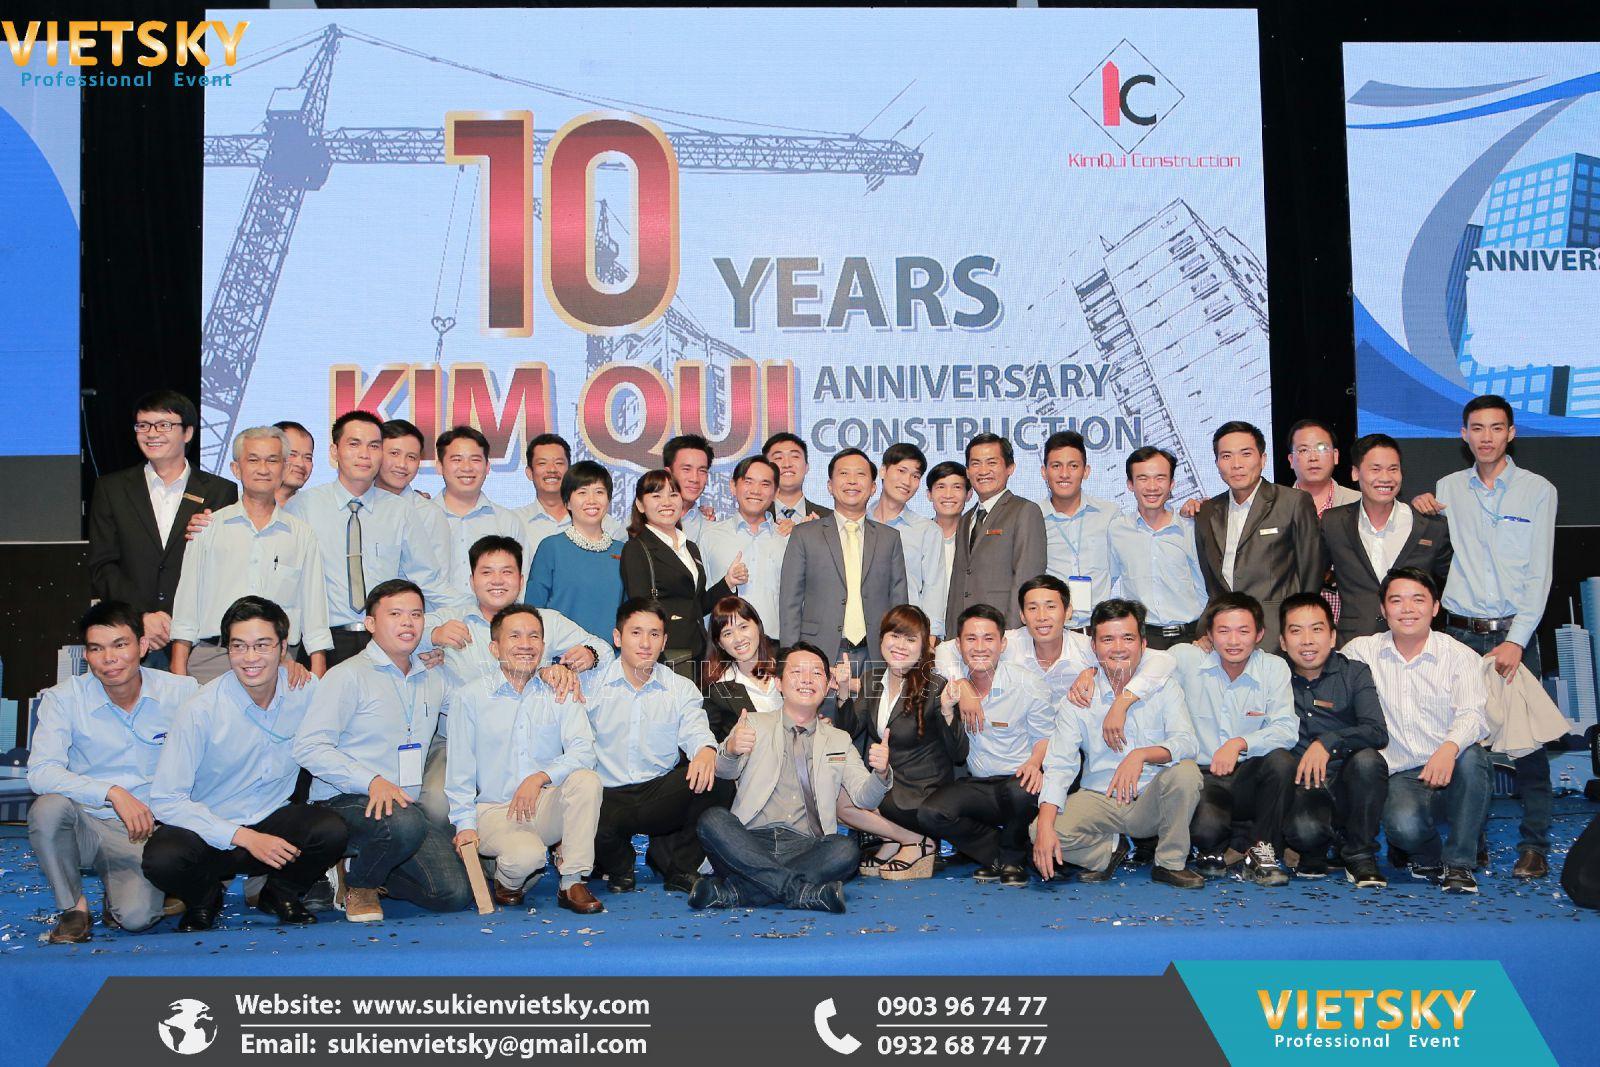 tổ chức lễ kỷ niệm cho công ty tại bình phước